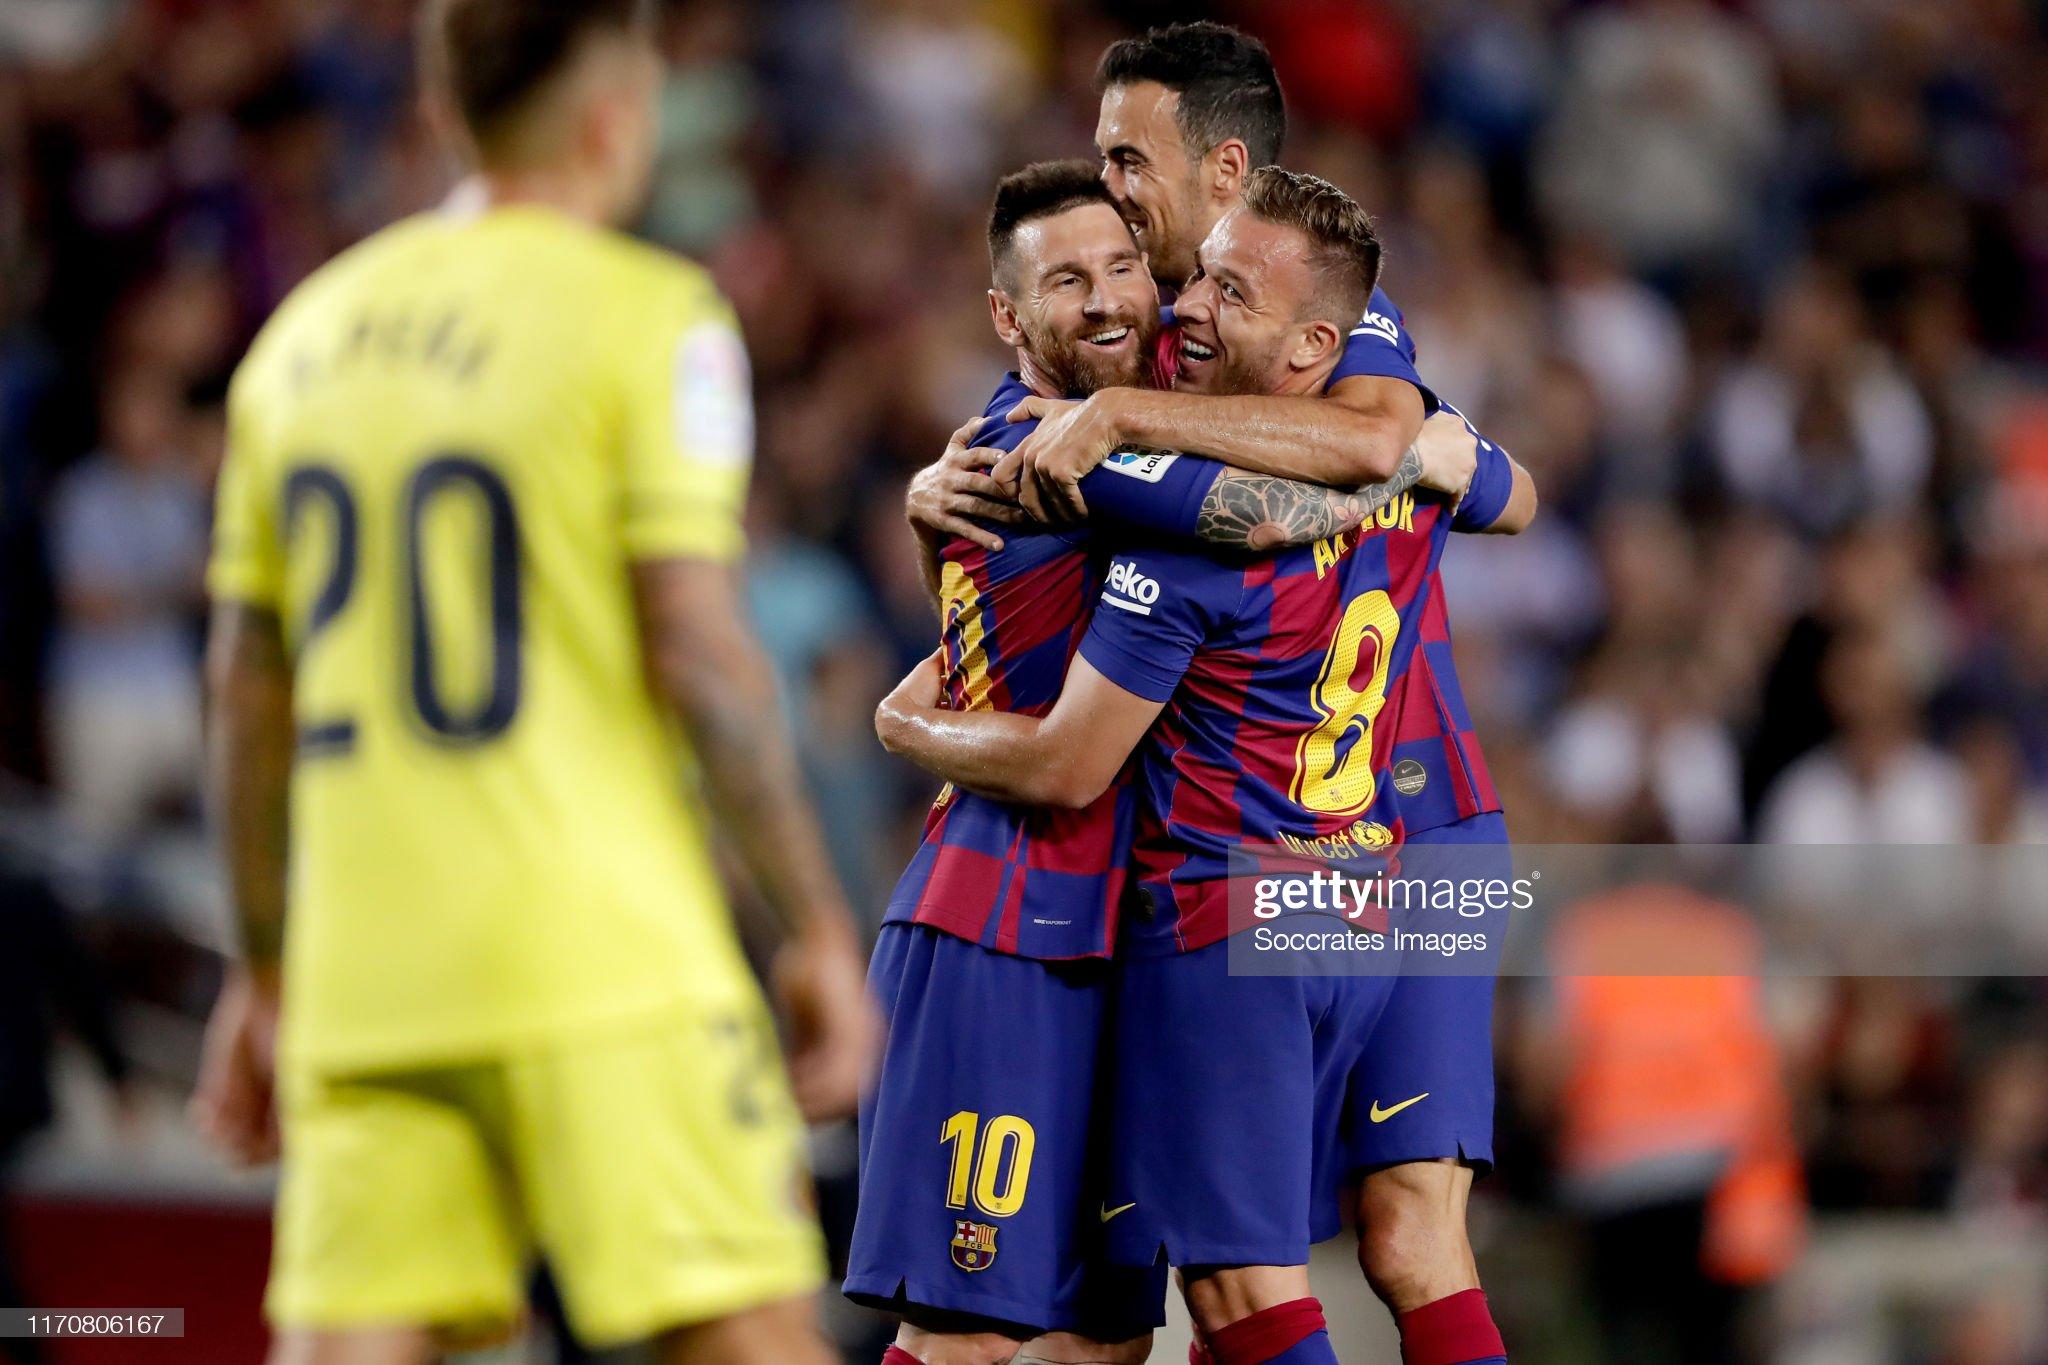 صور مباراة : برشلونة - فياريال 2-1 ( 24-09-2019 )  Lionel-messi-of-fc-barcelona-sergio-busquets-of-fc-barcelona-arthur-picture-id1170806167?s=2048x2048